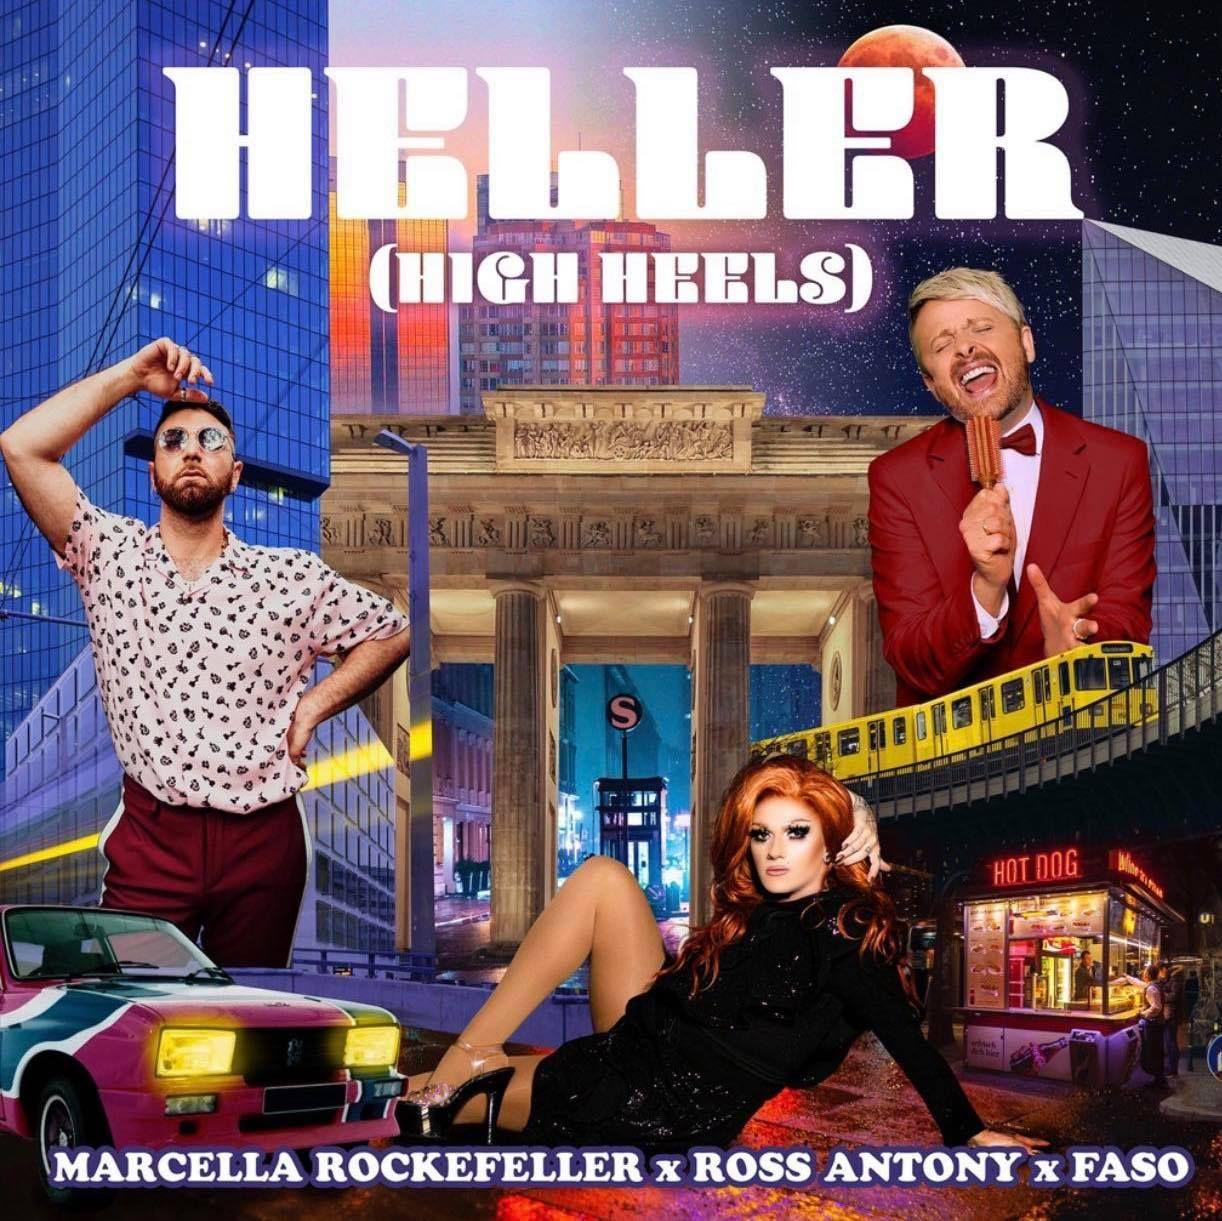 """Single """"Heller (High Heels)"""" von Marcella Rockefeller & Ross Antony & Faso"""